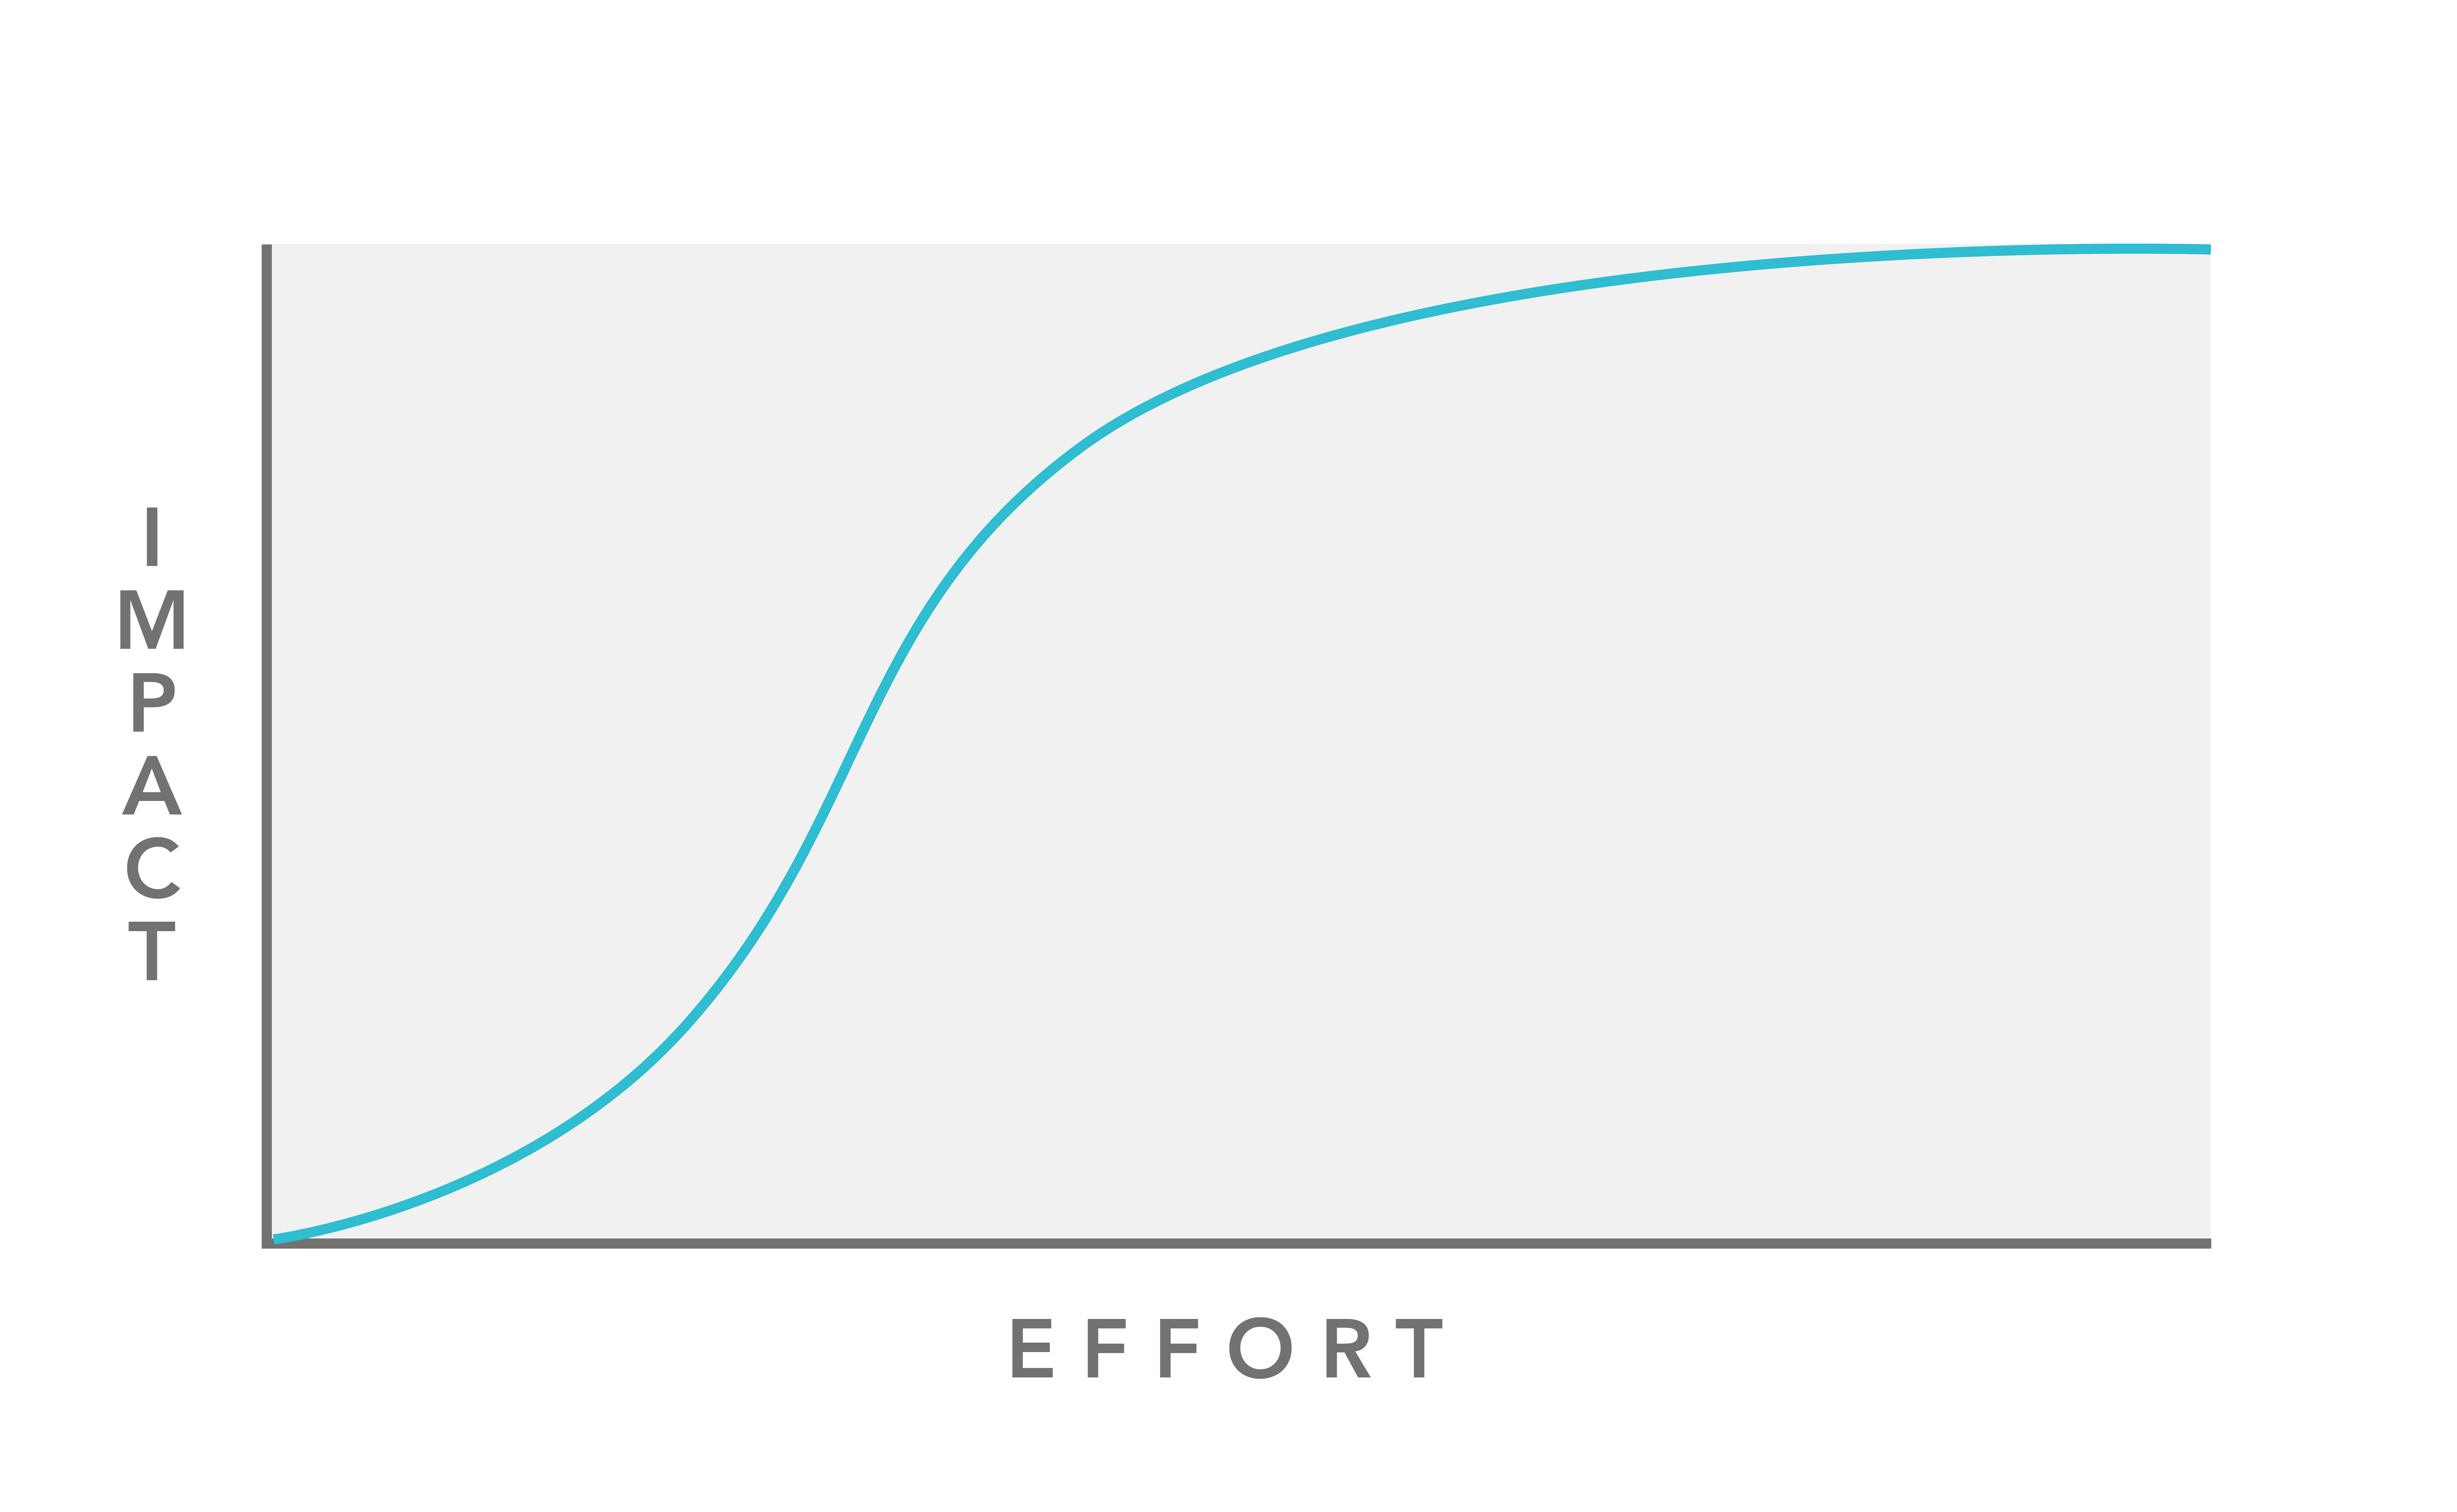 Diminishing returns to impact